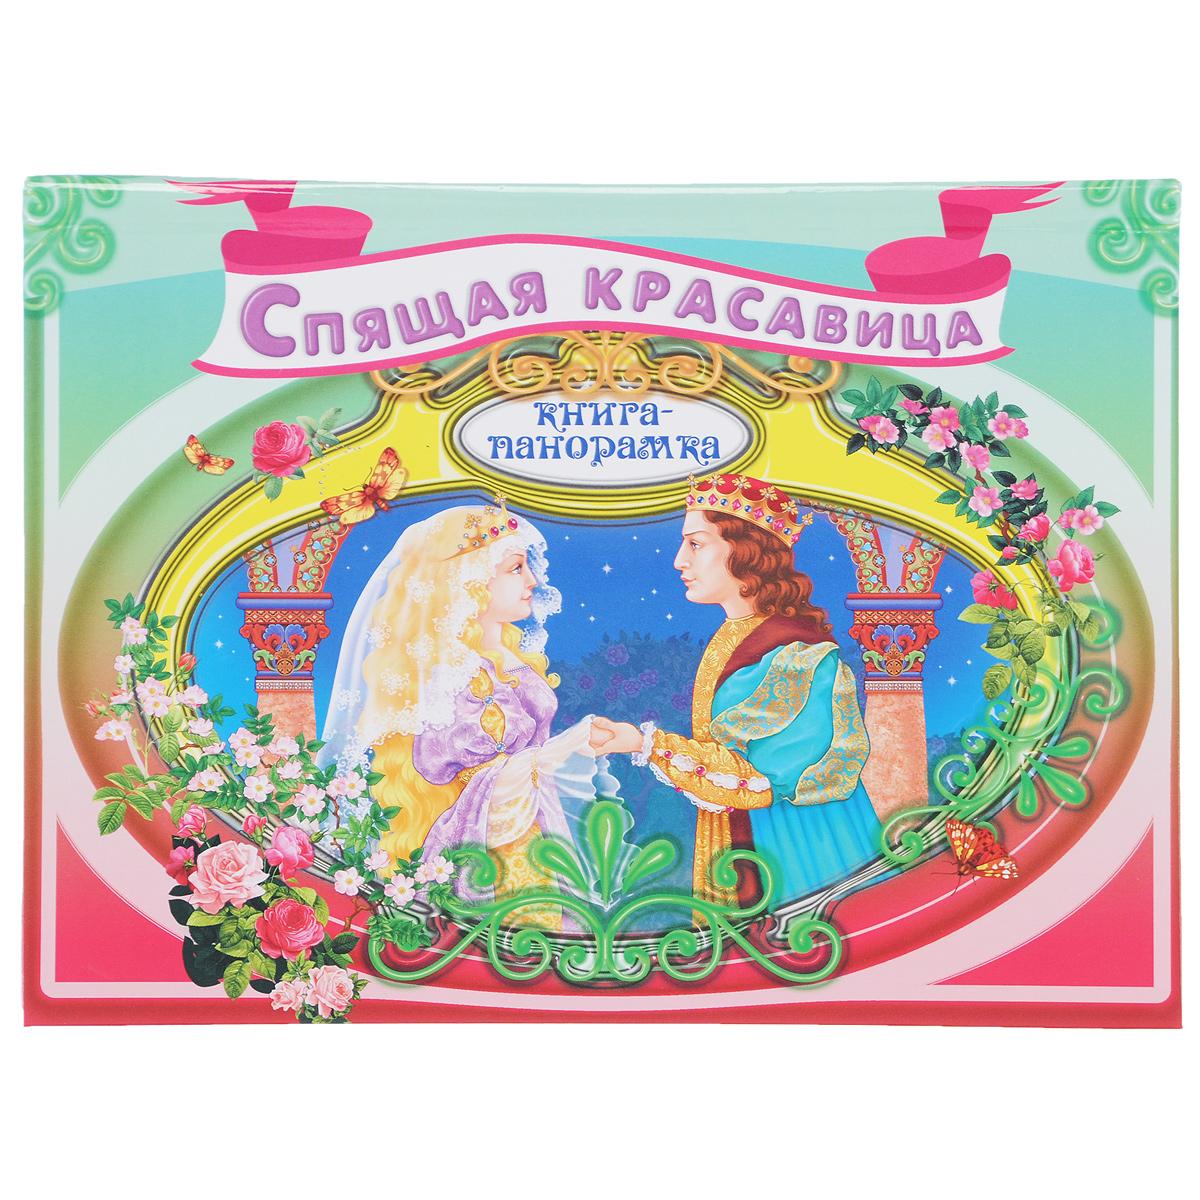 Ш. Перро Спящая красавица мягкие игрушки мишки из книжки набор спящая красавица